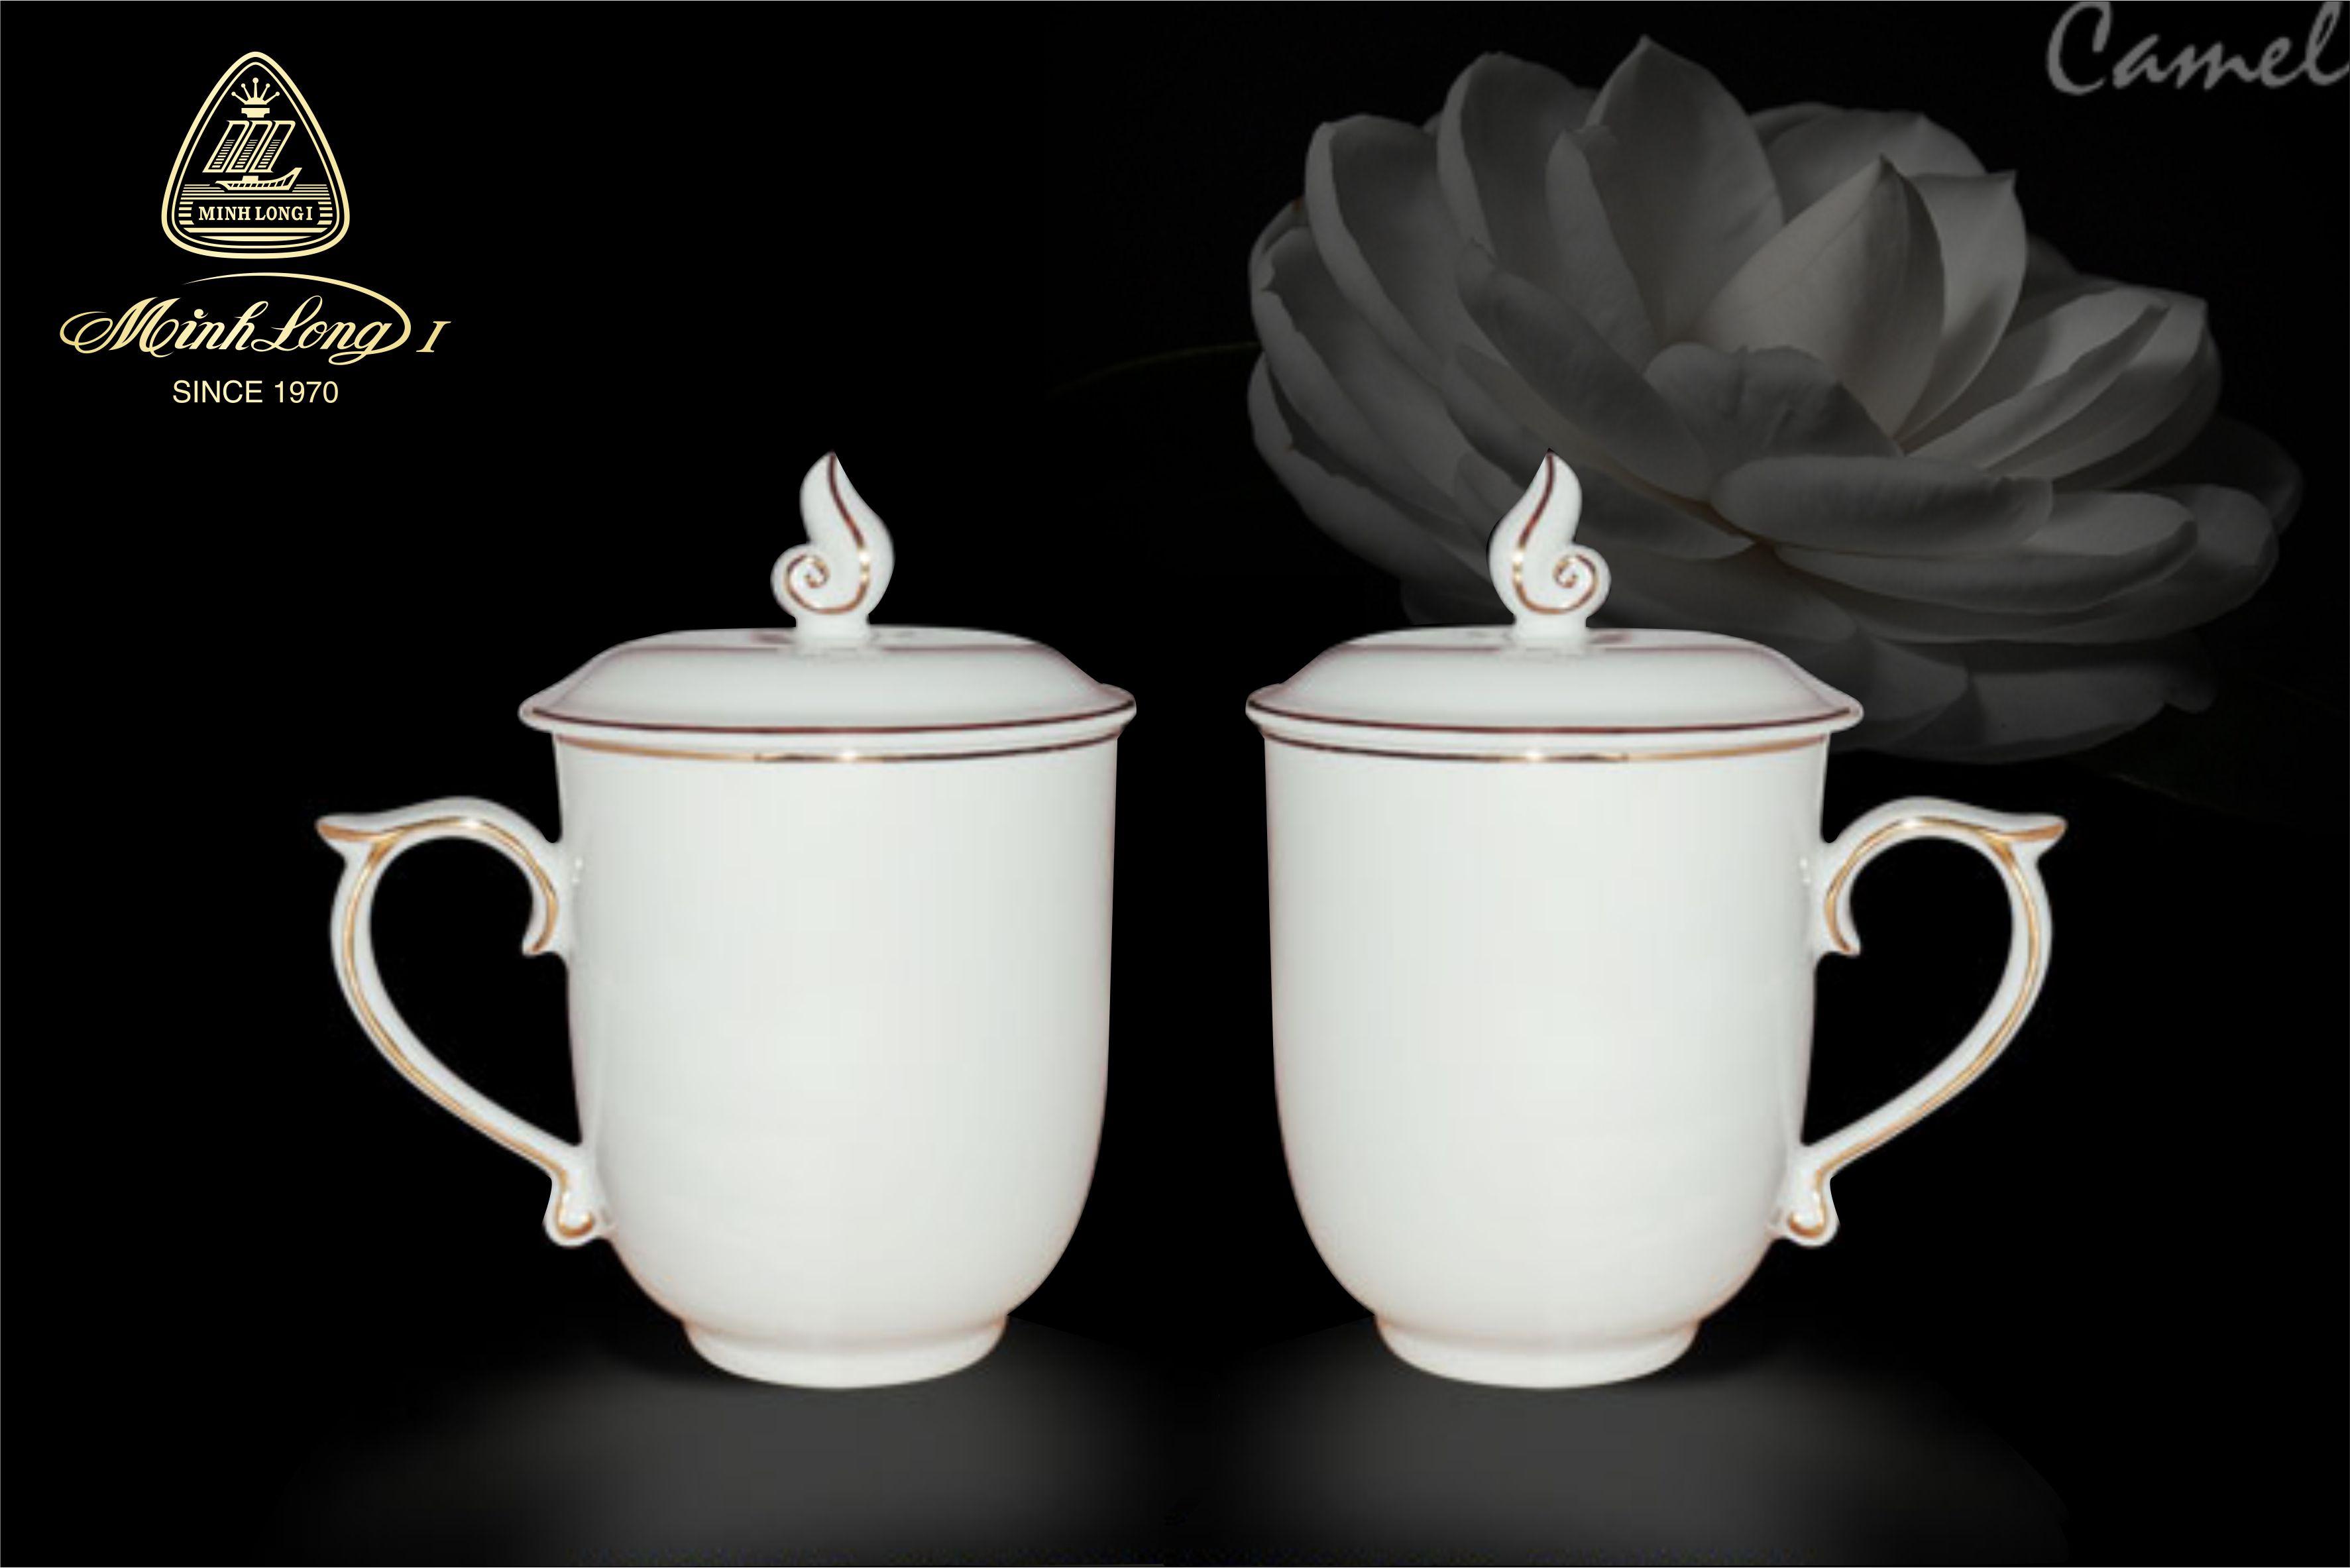 Ca trà 0.30L+ nắp Mẫu Đơn Chỉ Vàng 153009014 Minh Long